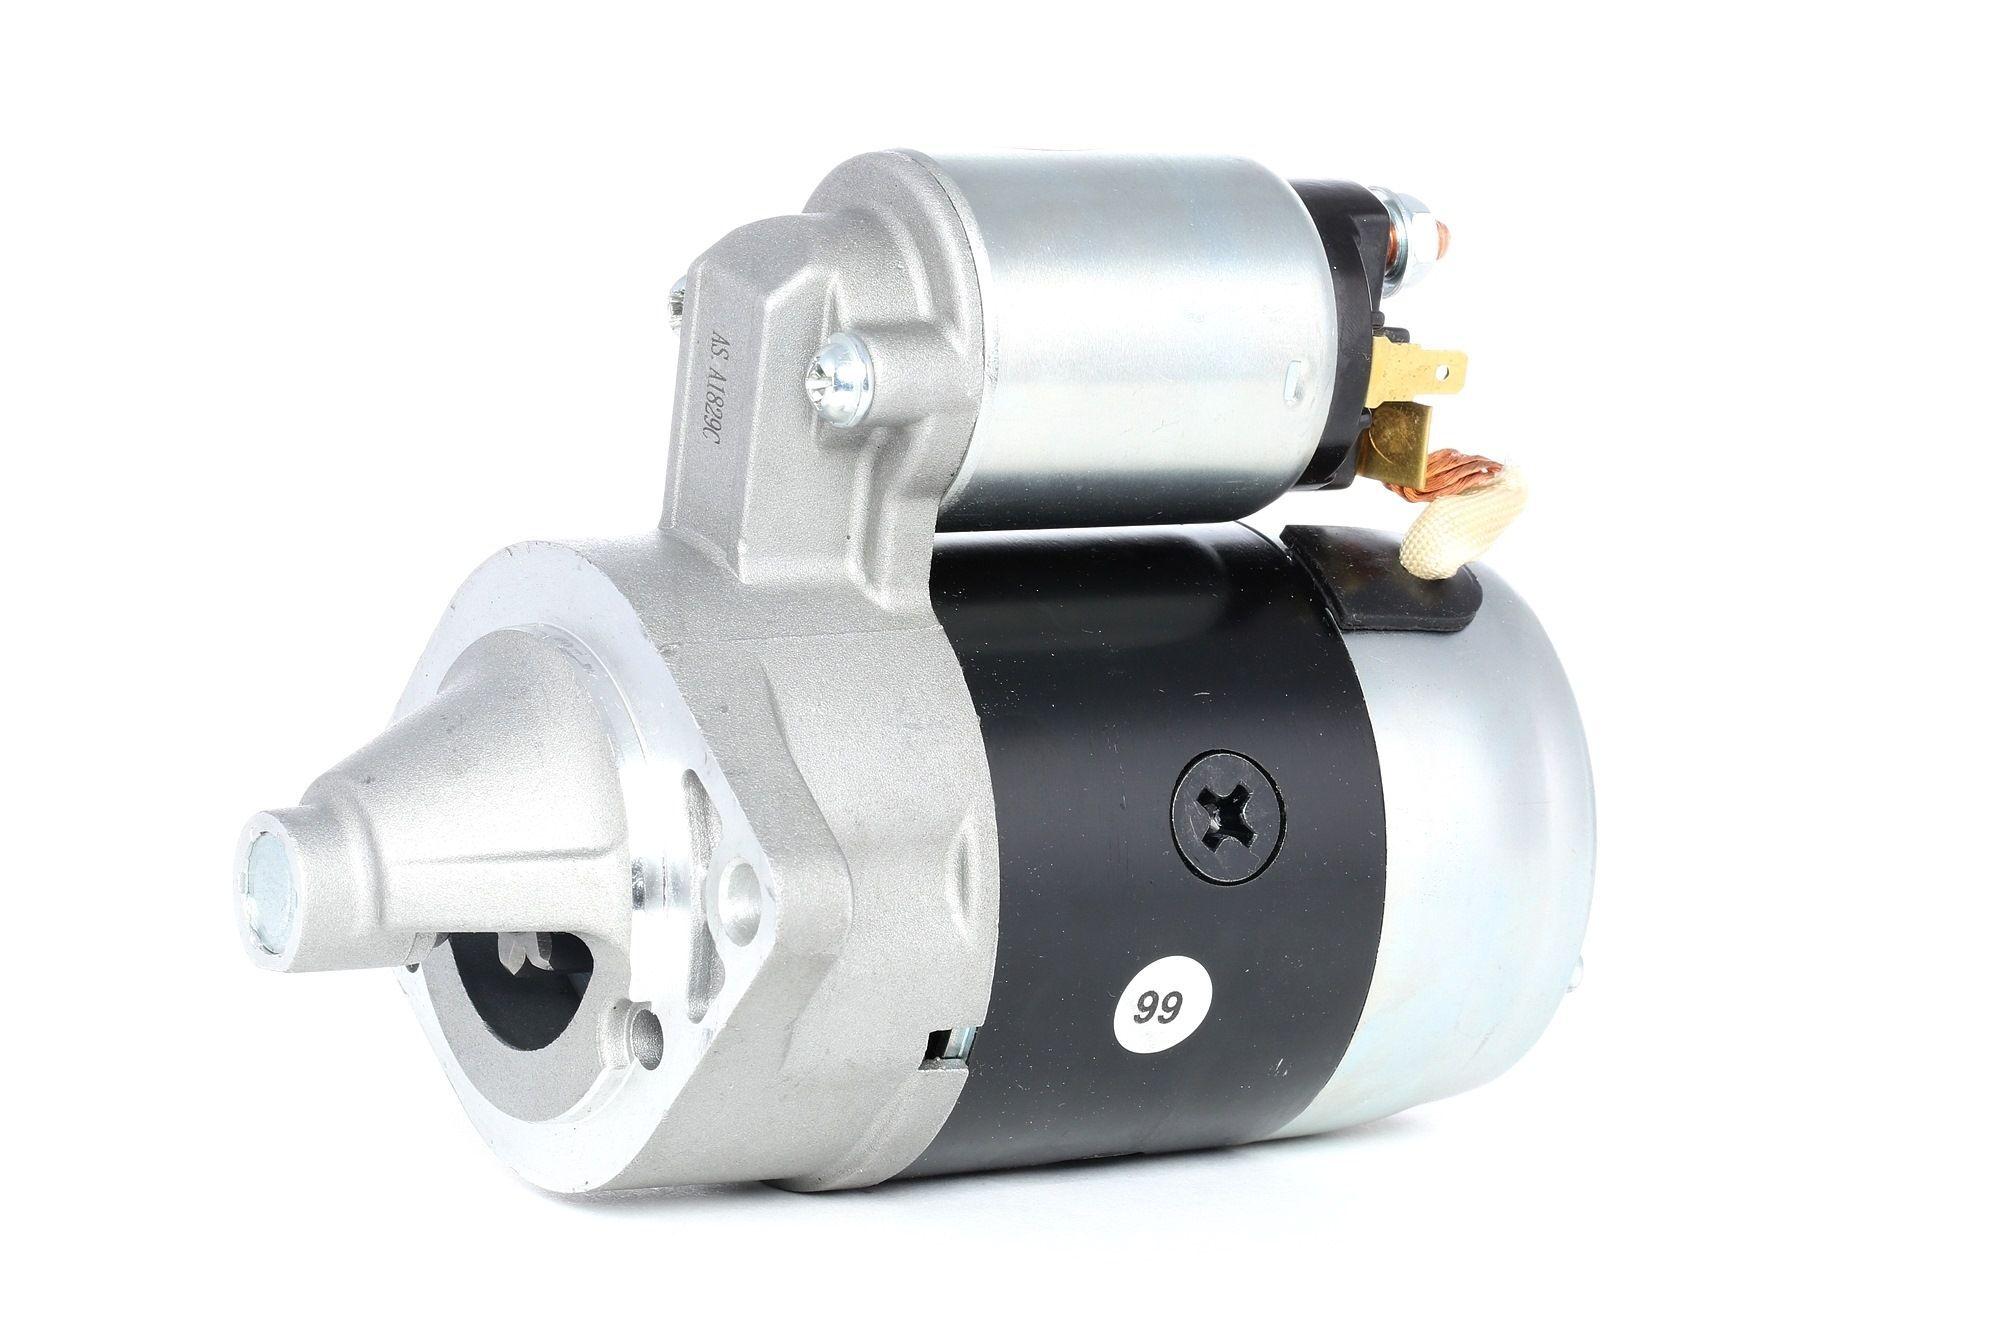 AS-PL Starttimoottori Brand new AS-PL Alternator LR150438 S5016 Startti,Käynnistinmoottori SUZUKI,SANTANA,JIMNY FJ,GRAND VITARA II JT,SAMURAI SJ